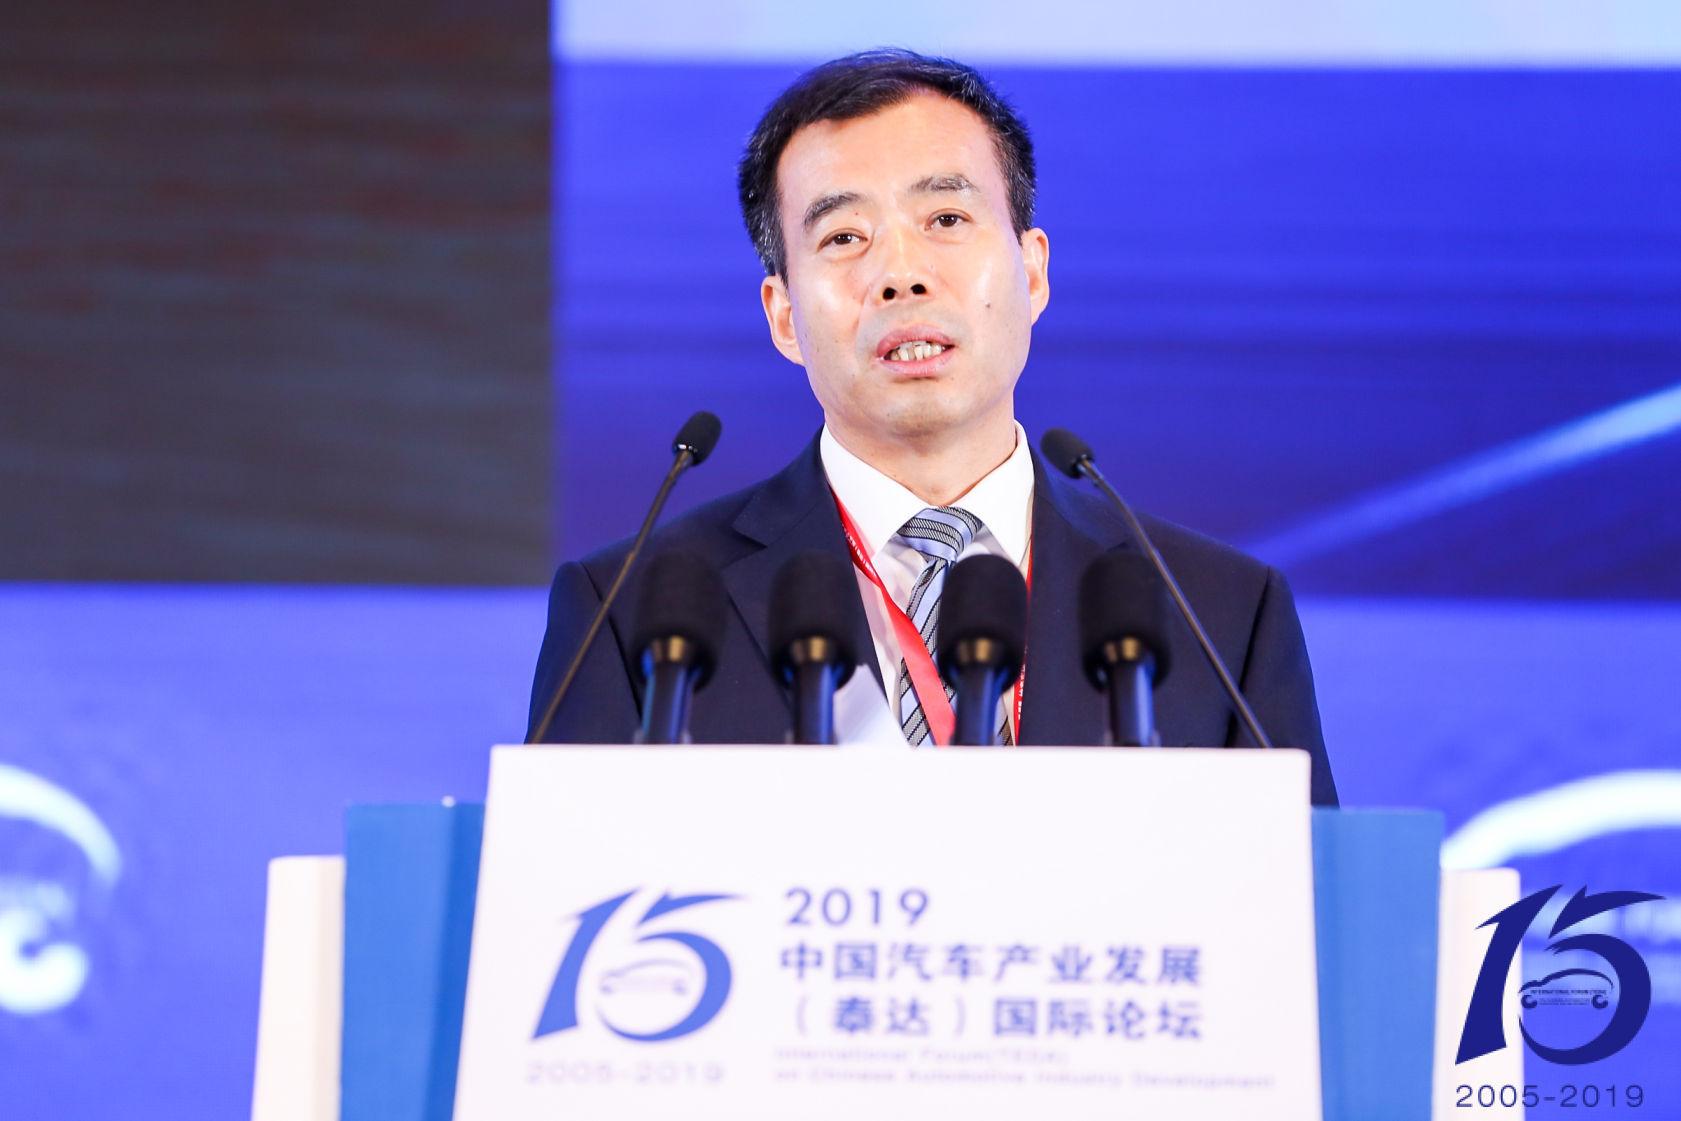 【张夕勇】北汽集团张夕勇:预测今年汽车行业或负增